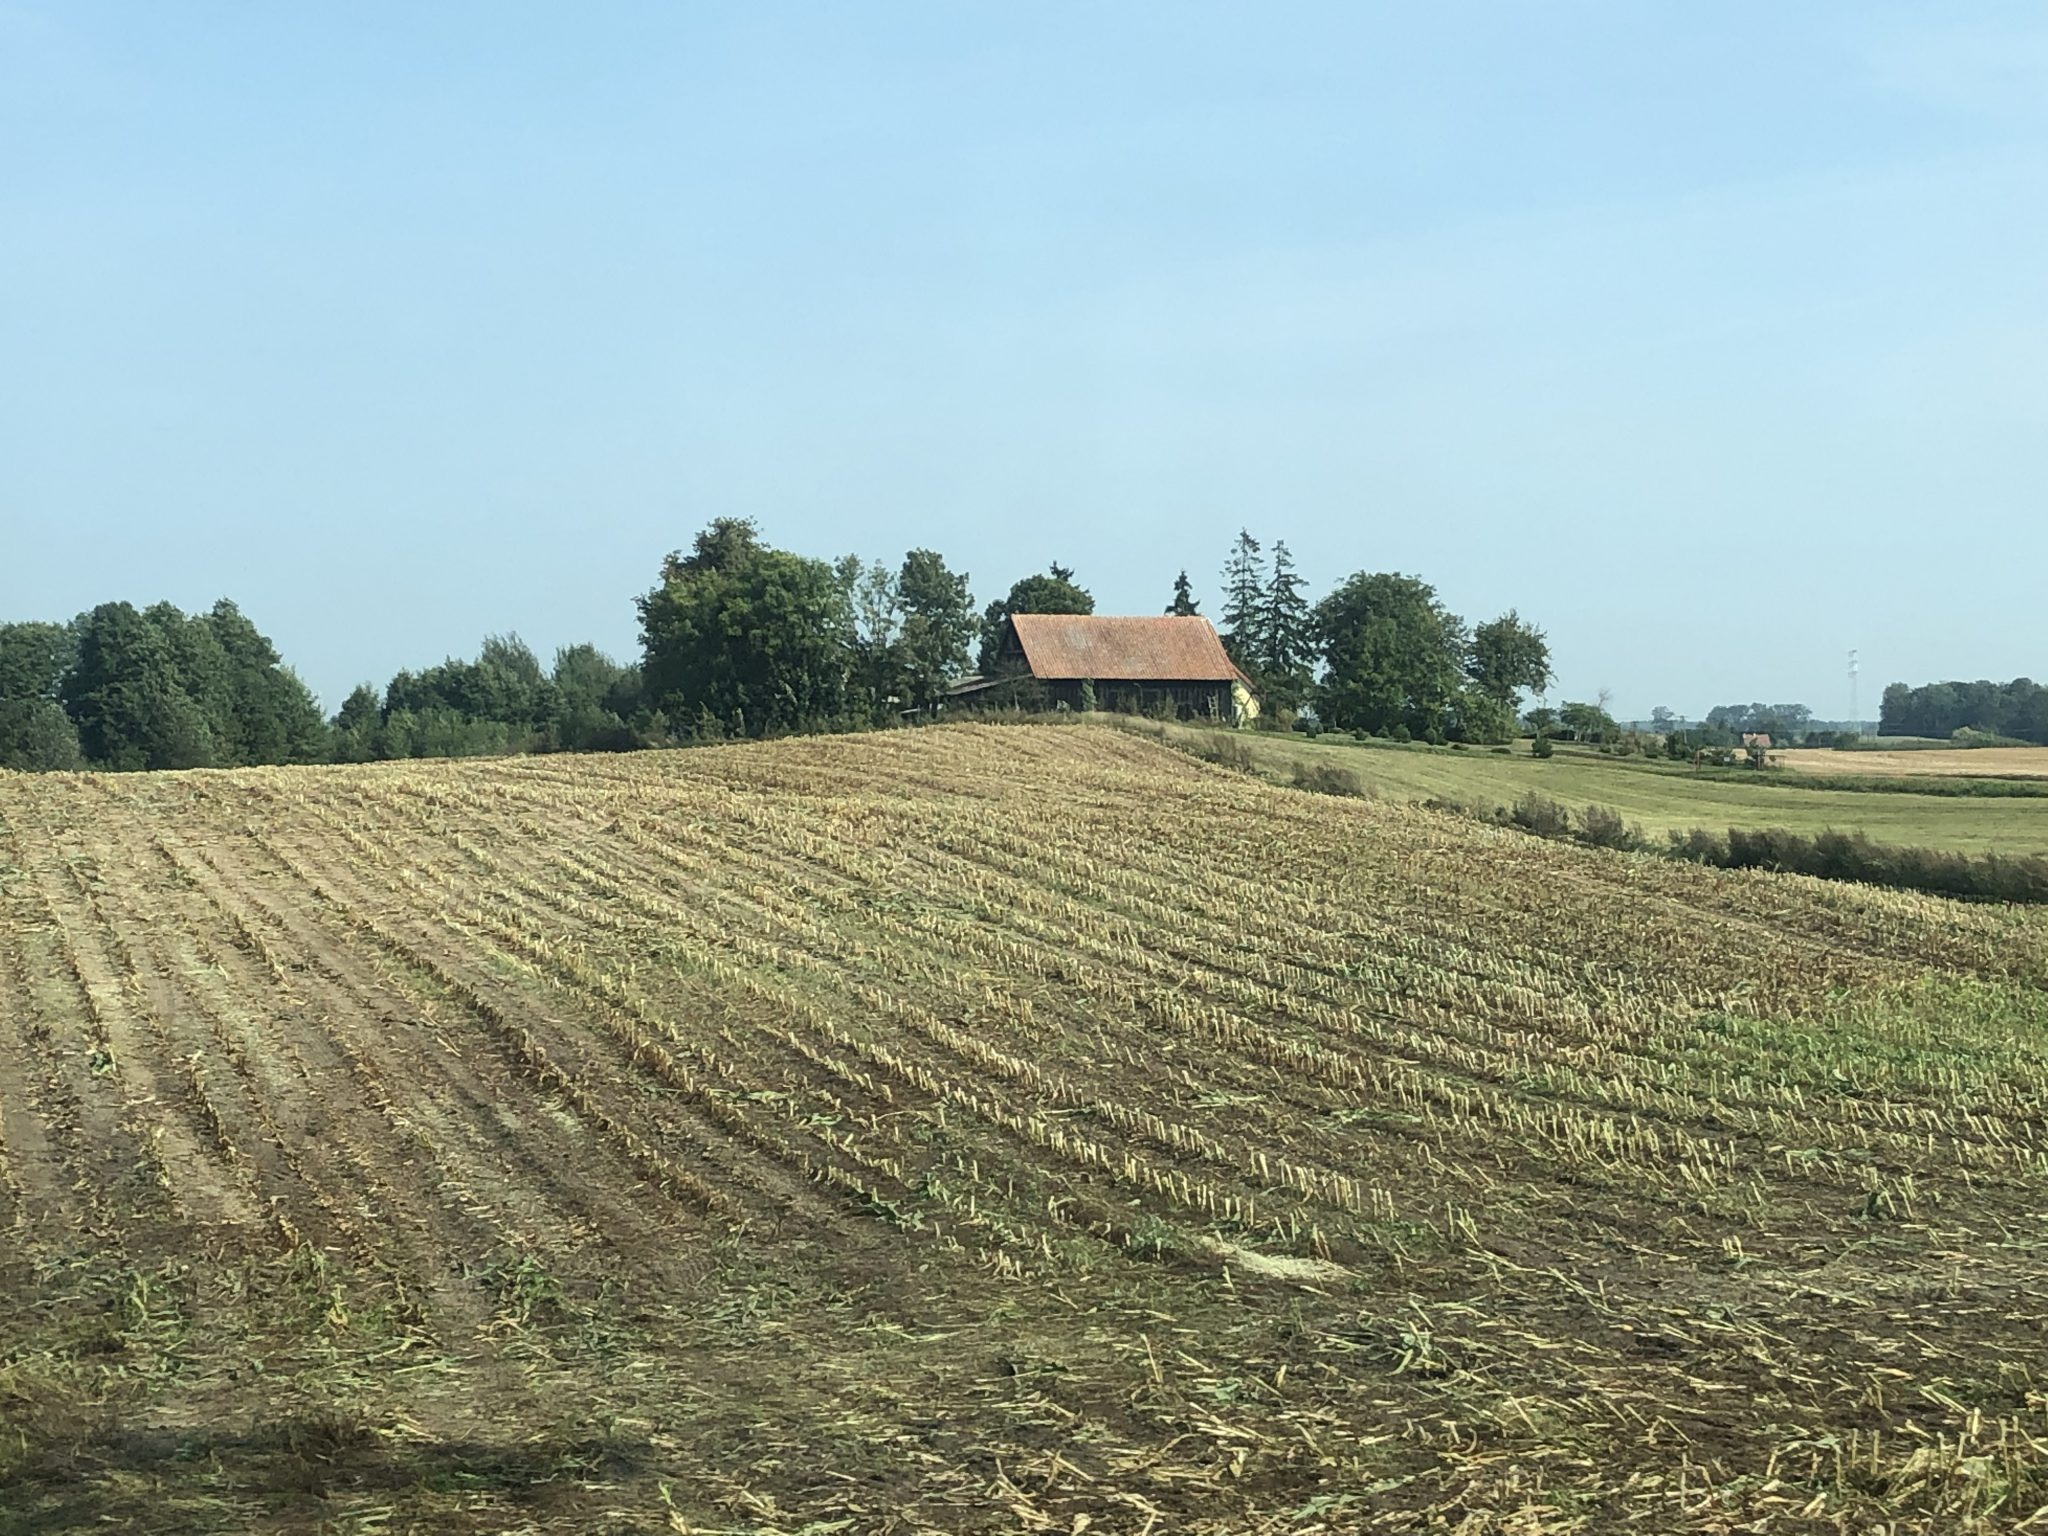 Acker in den Masuren in Polen